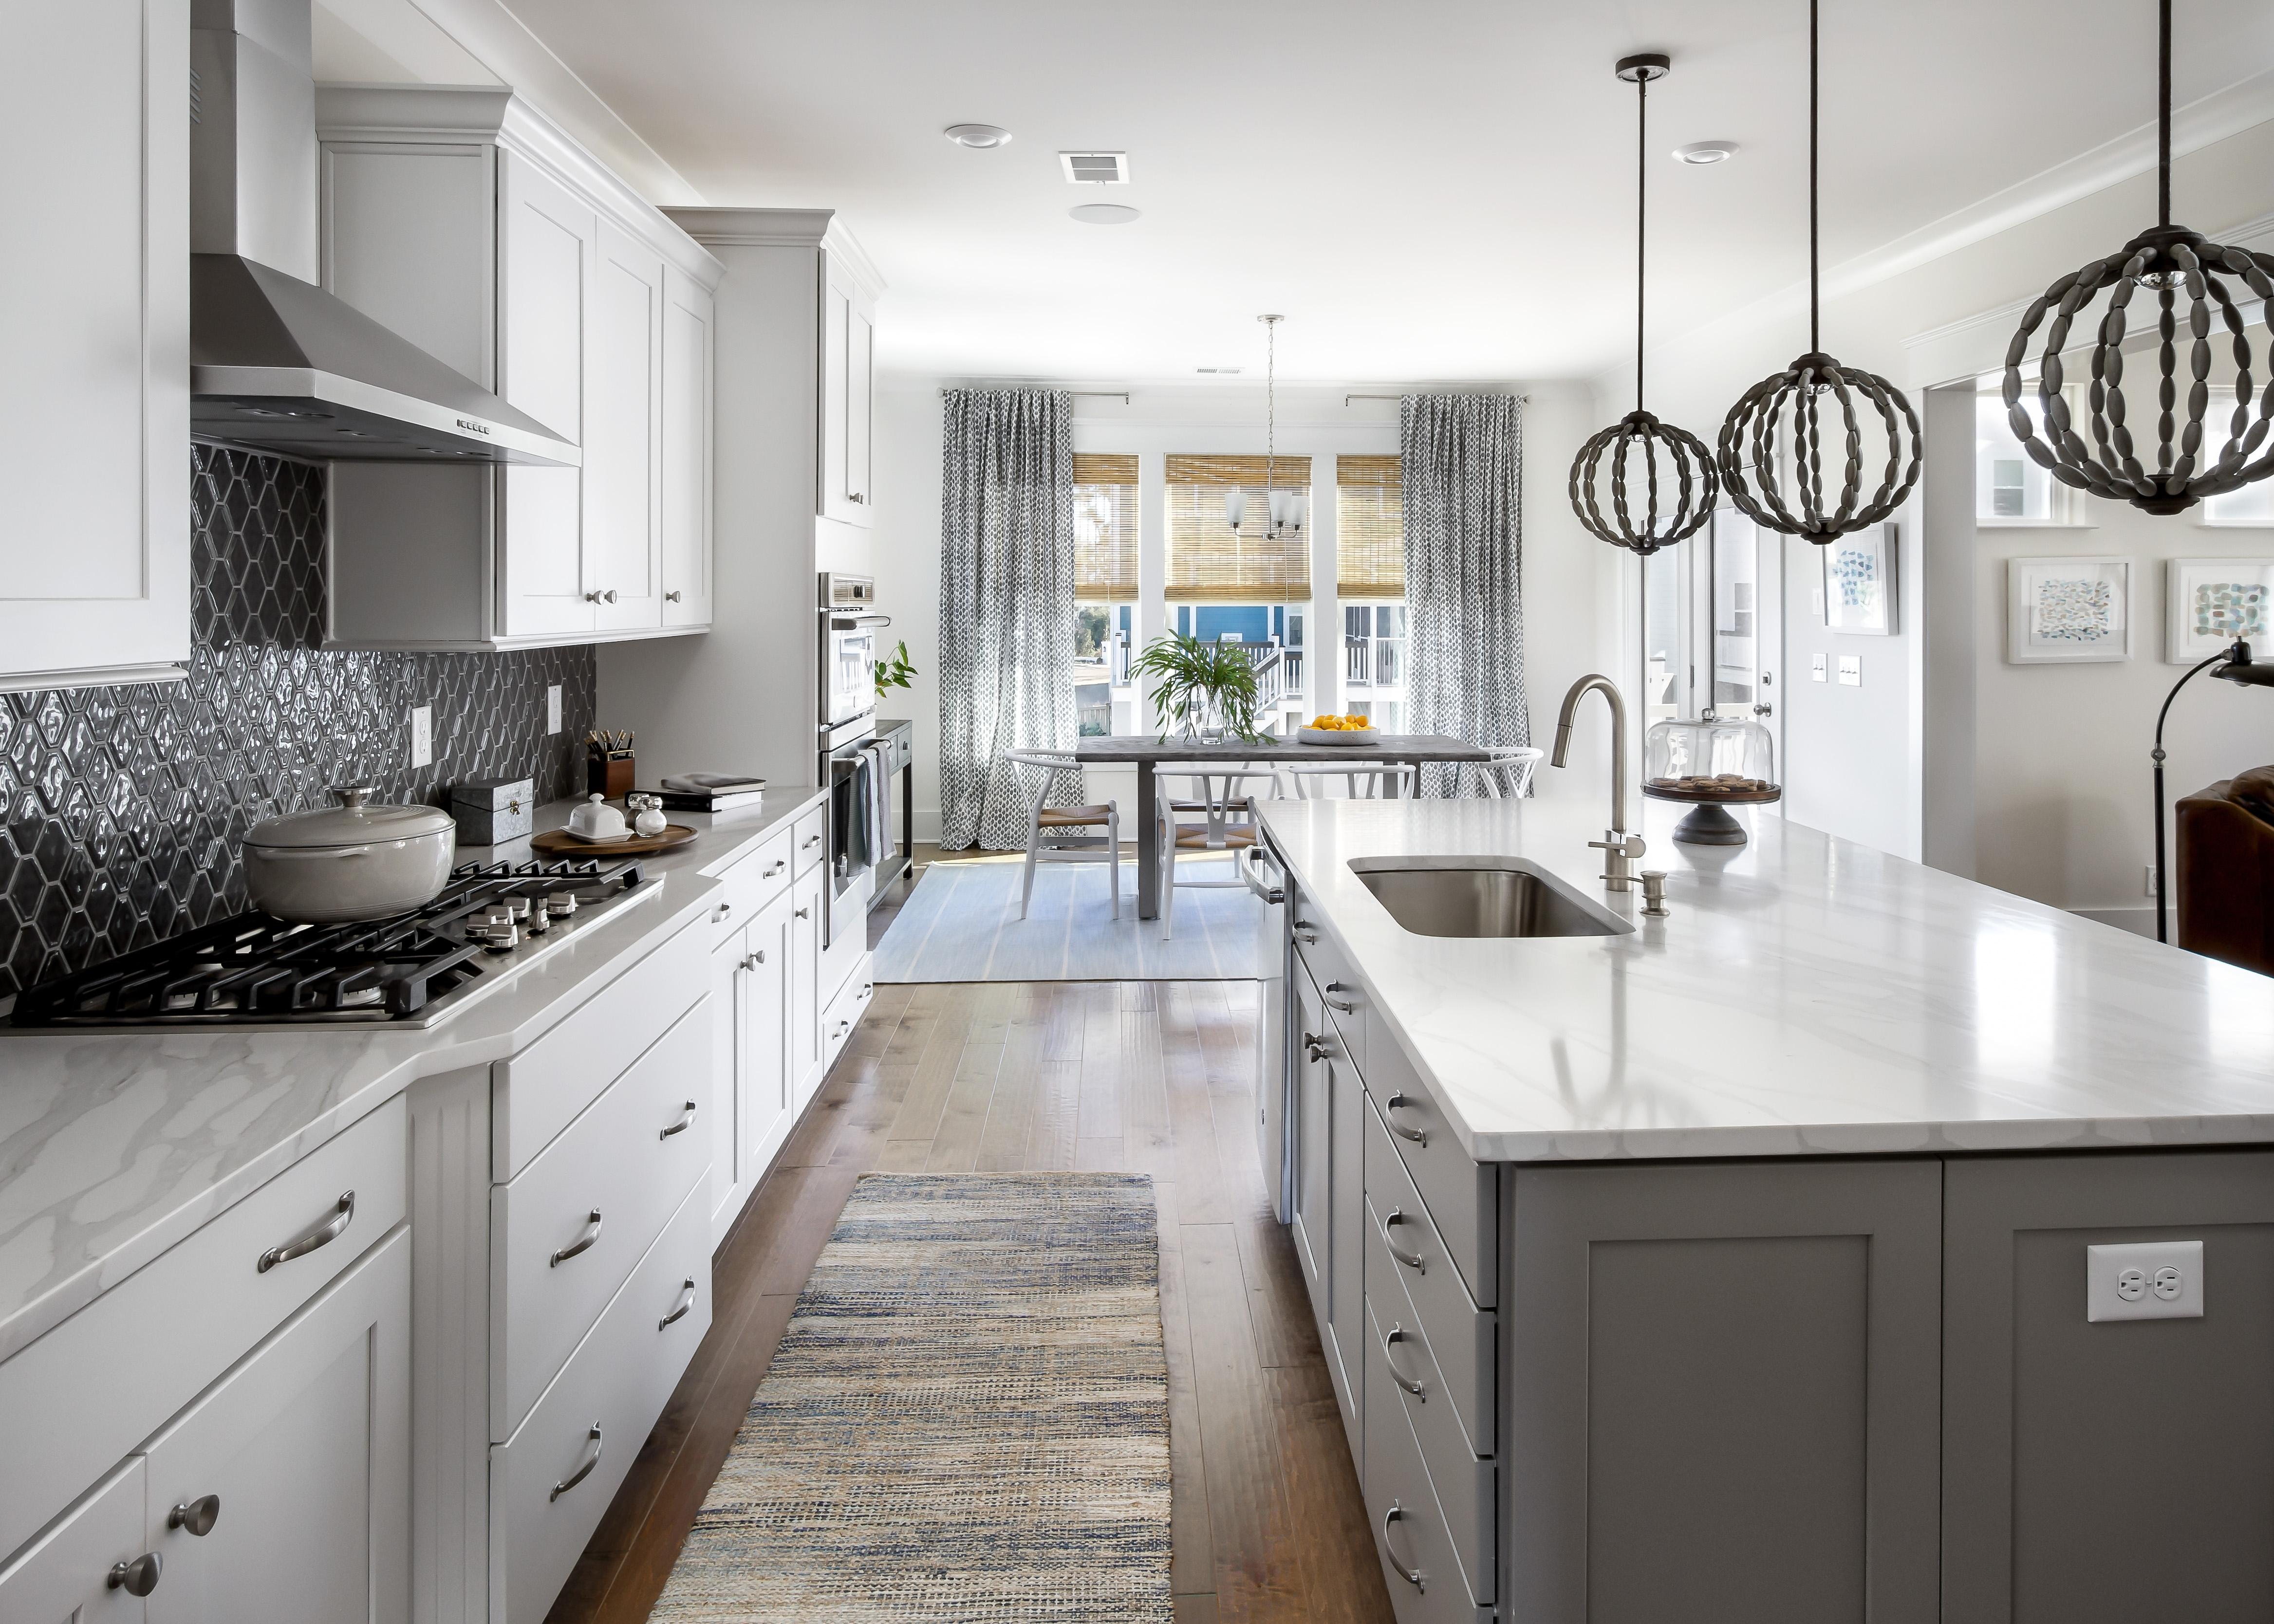 Cosgrove Kitchen